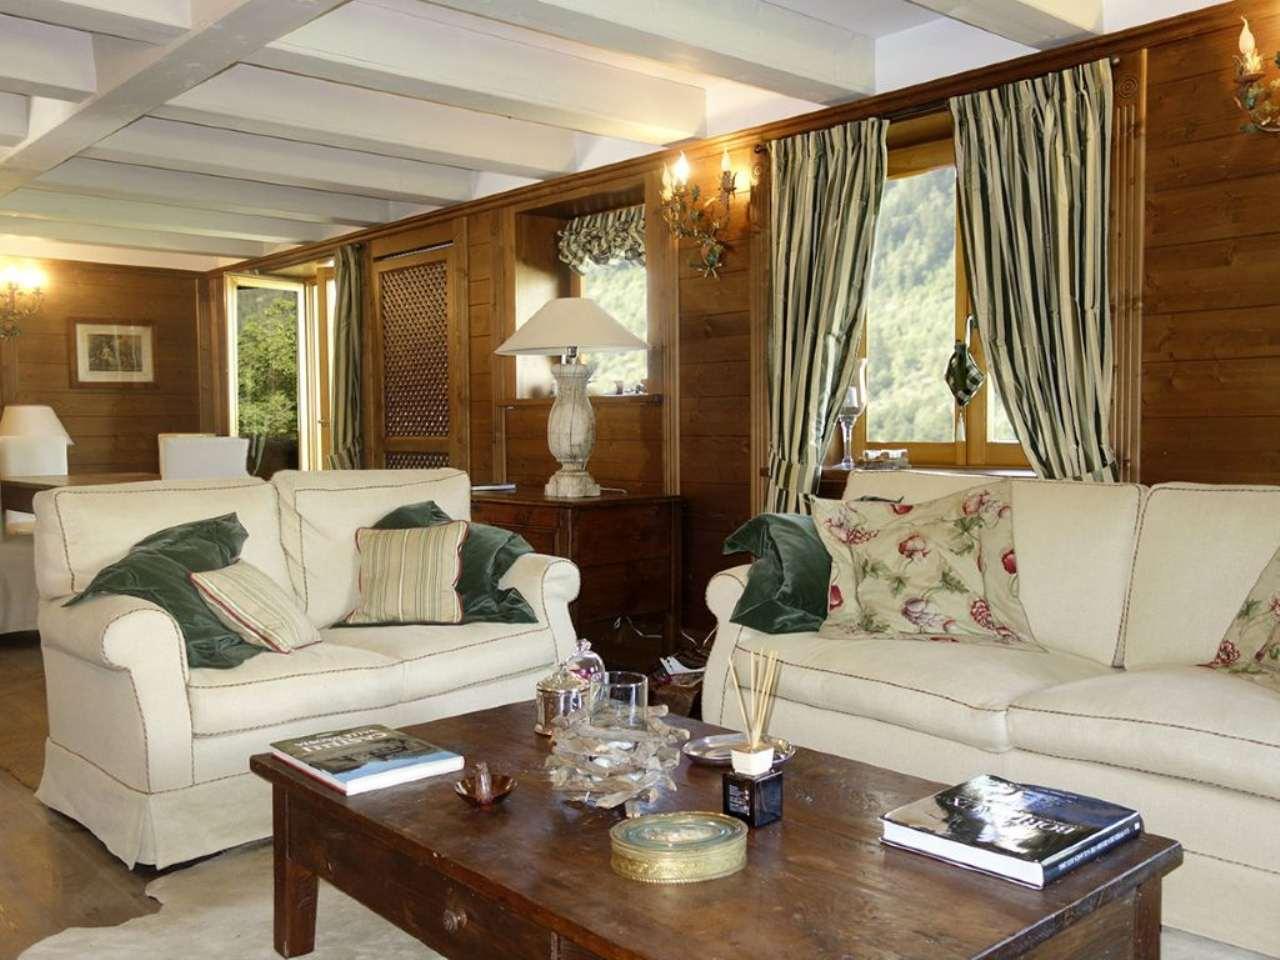 Appartamento in vendita a Courmayeur, 8 locali, Trattative riservate | Cambio Casa.it